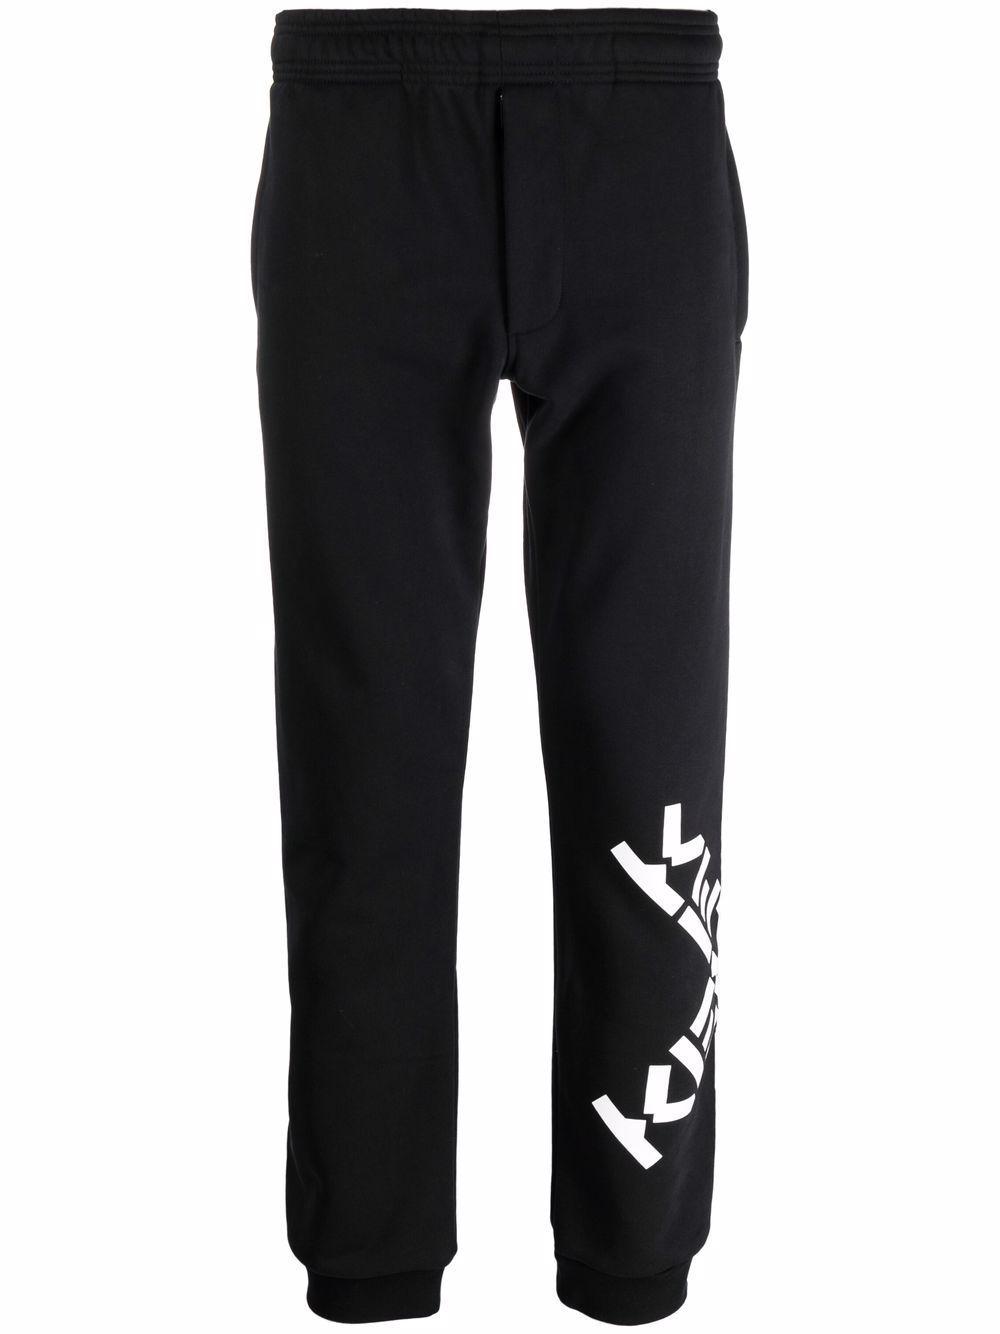 Pantalone in cotone con logo